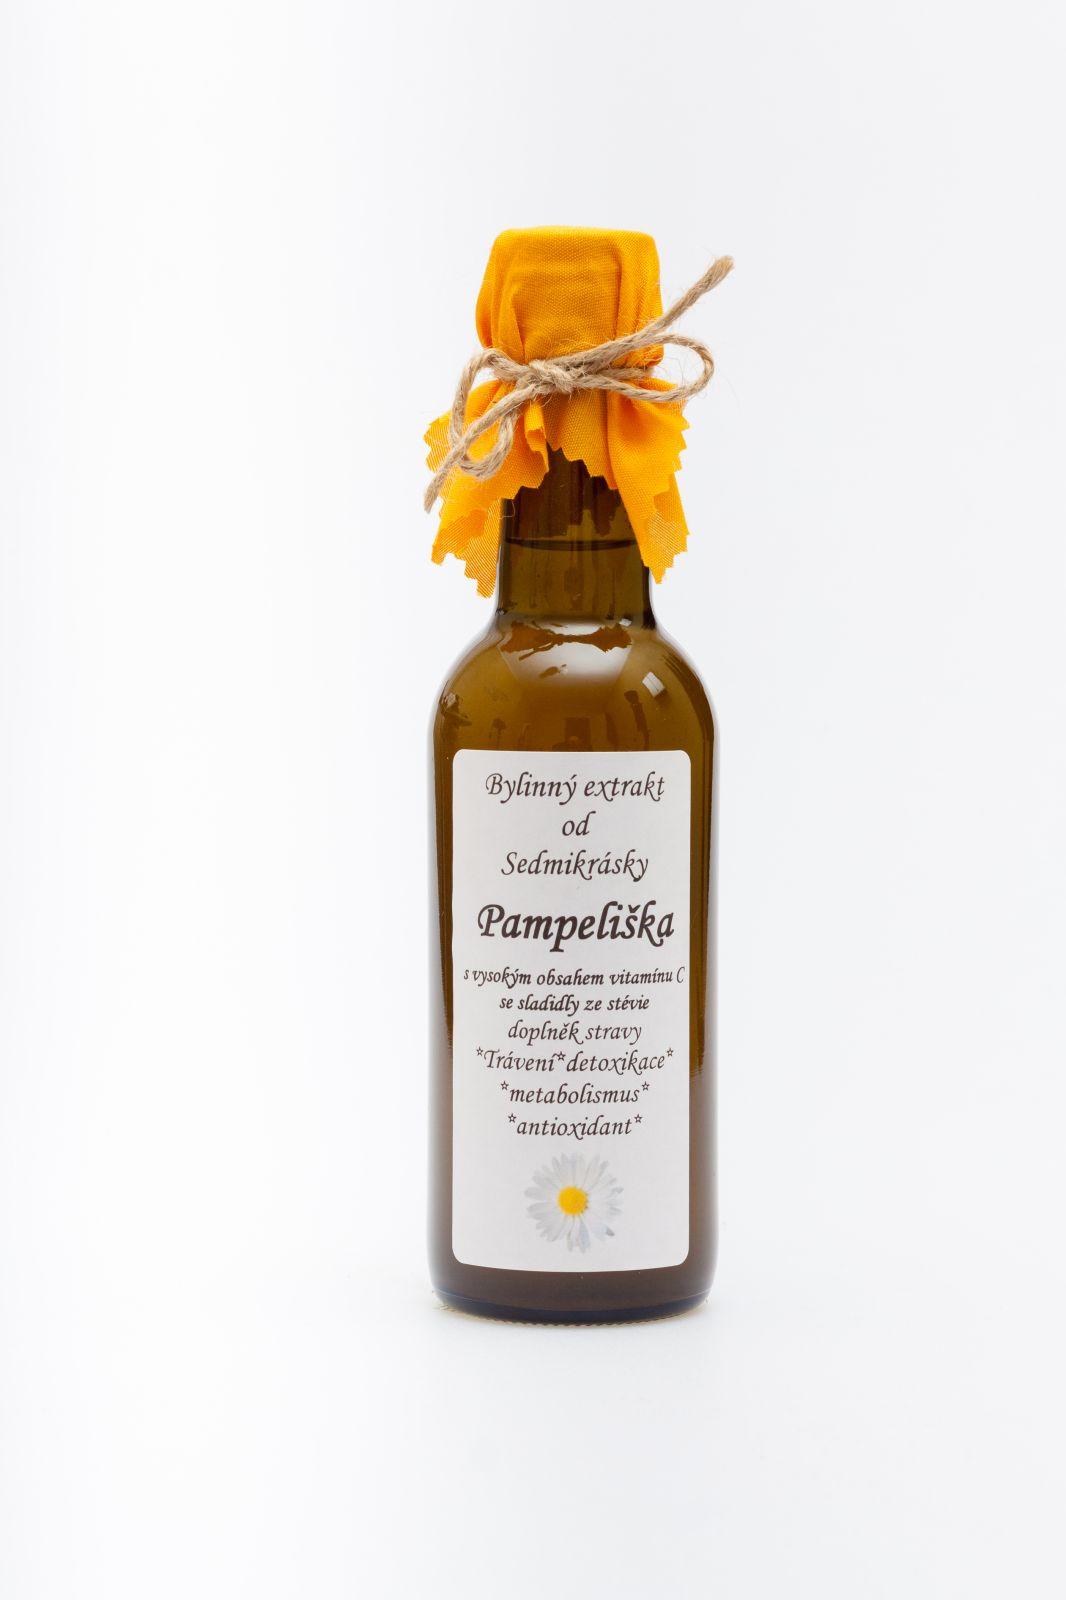 Sedmikráska bylinný extrakt Púpava 250ml trávení, energetický metabolismus, detoxikace, antioxidant doplněk stravy Rodinná farma Sedmikráska